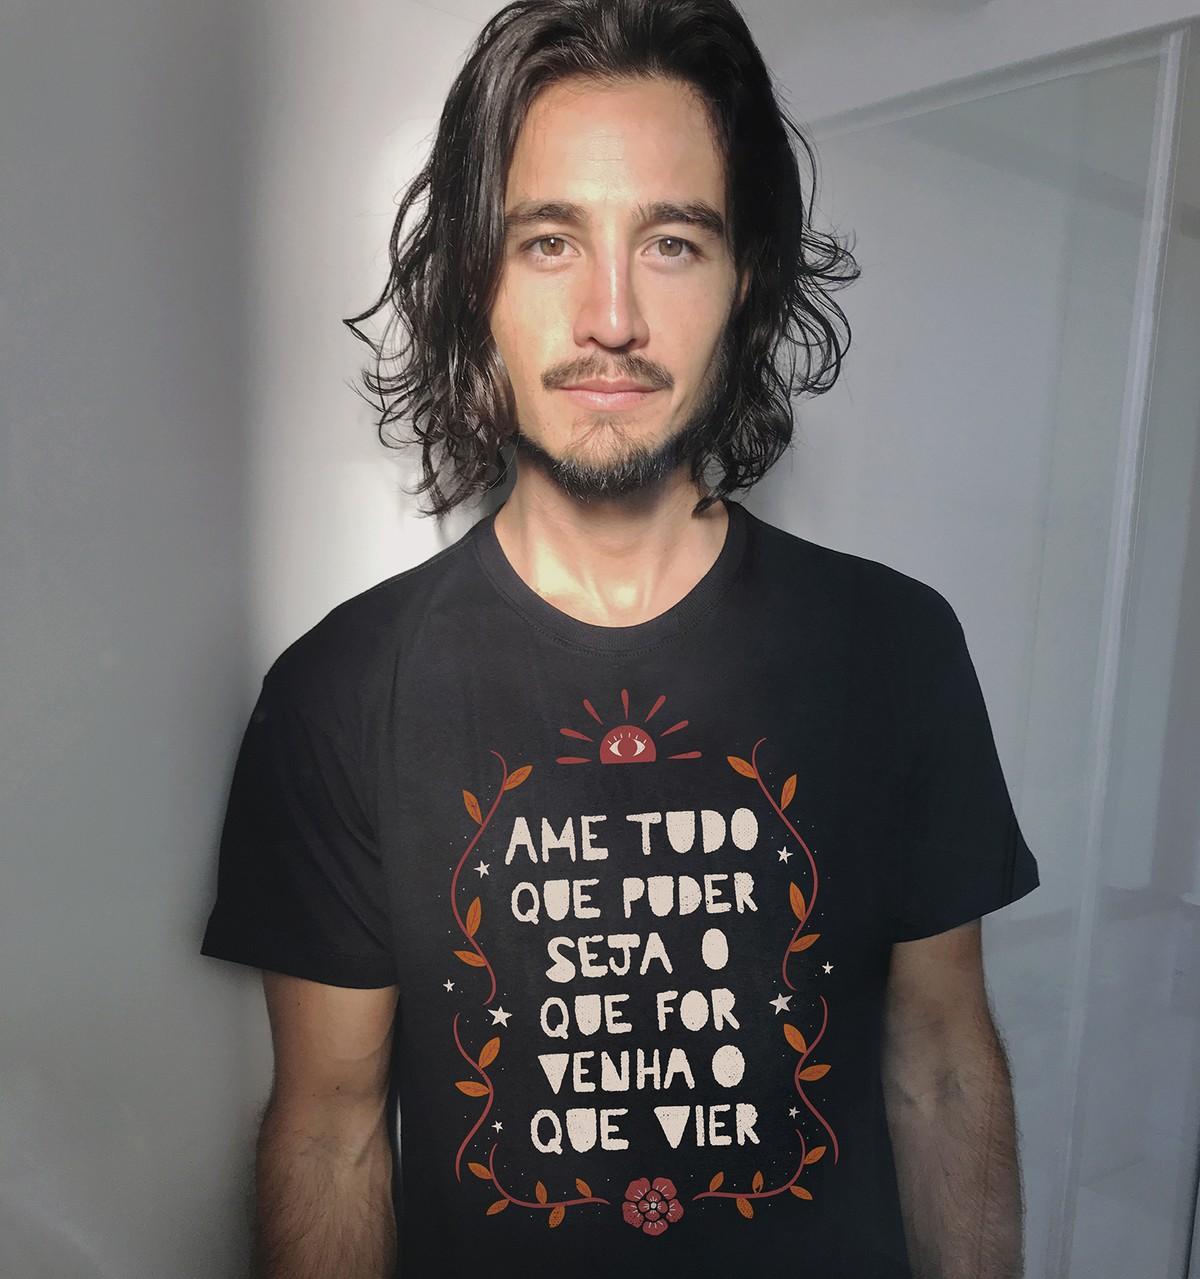 Tiago Iorc volta ao disco em junho, após live, com música feita na adolescência | Blog do Mauro Ferreira